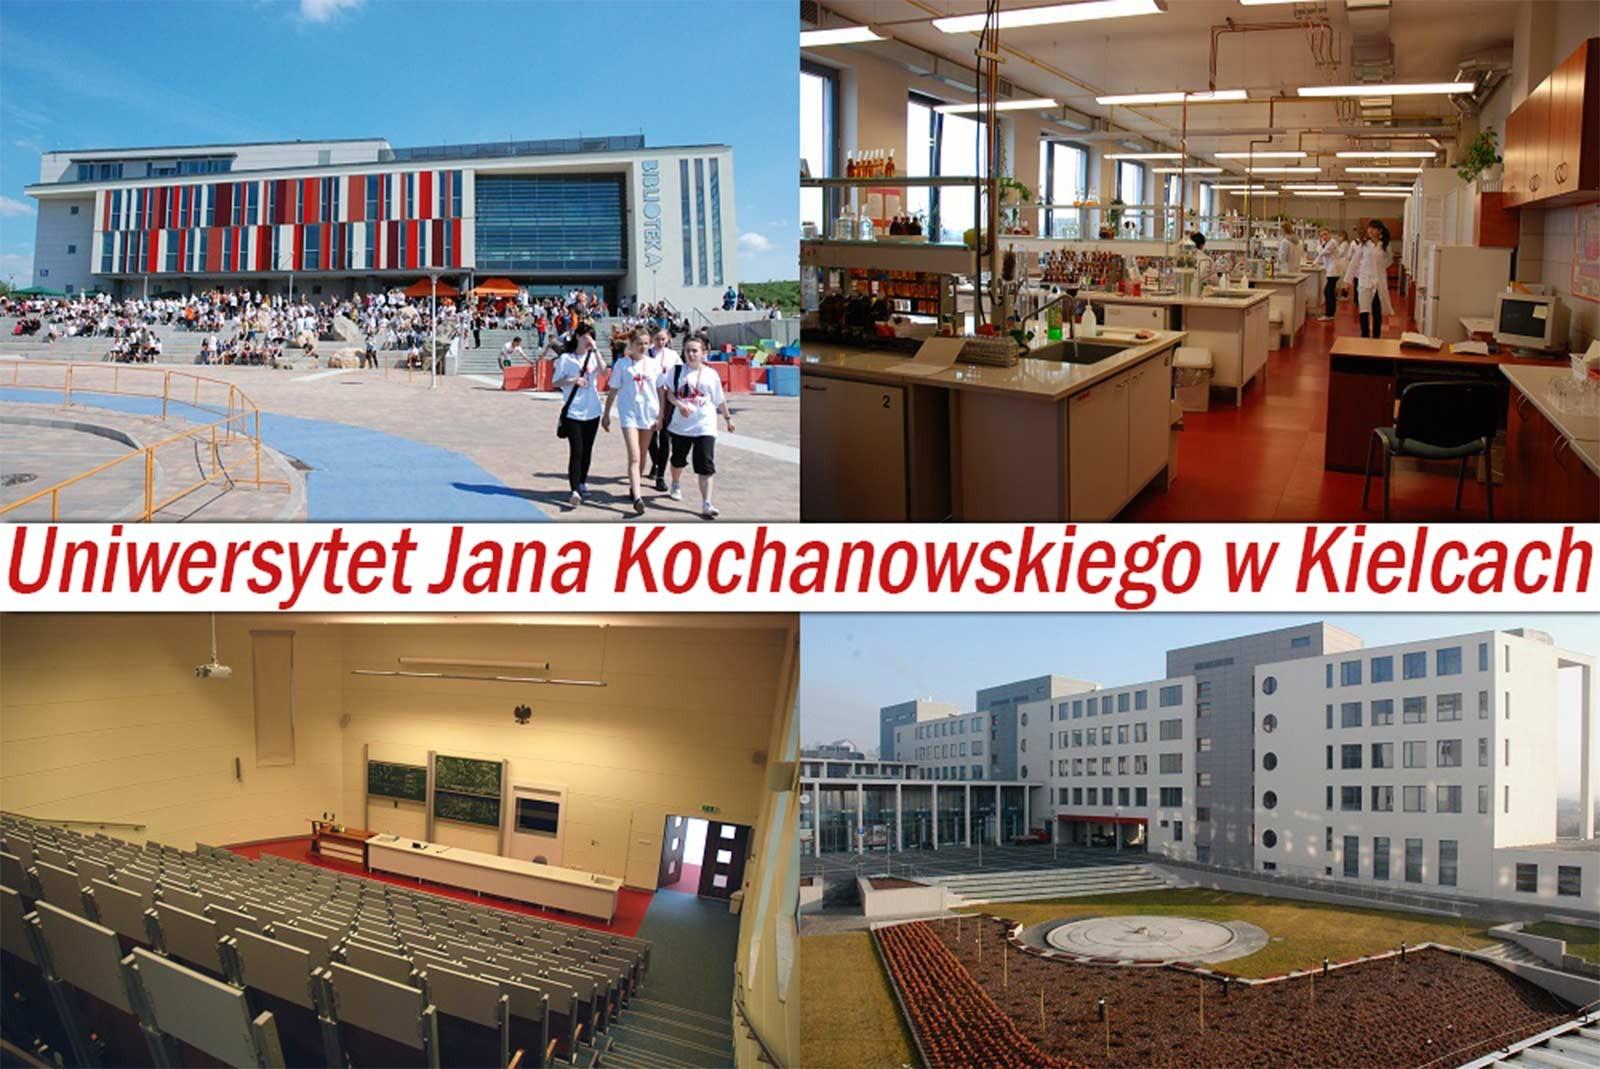 Університету ім. Яна Кохановського у м. Кельце (Польща)